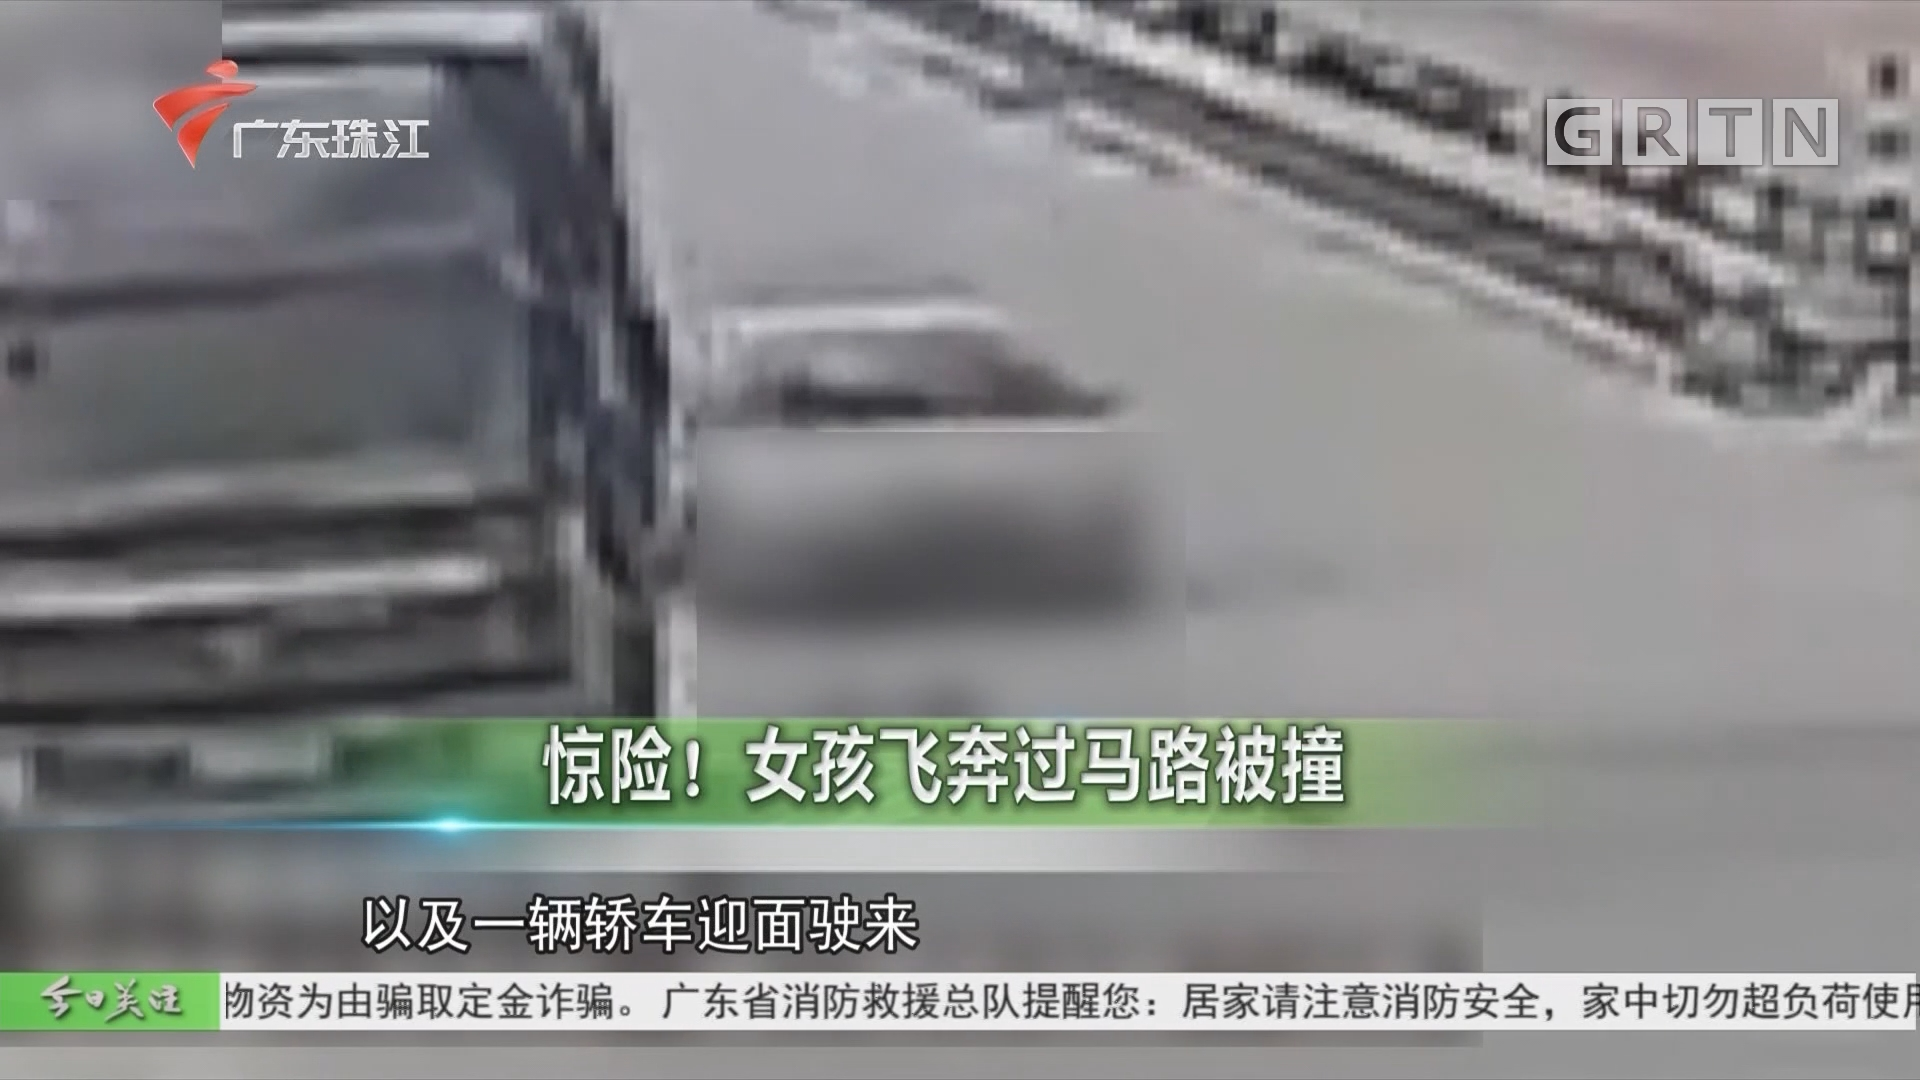 惊险!女孩飞奔过马路被撞